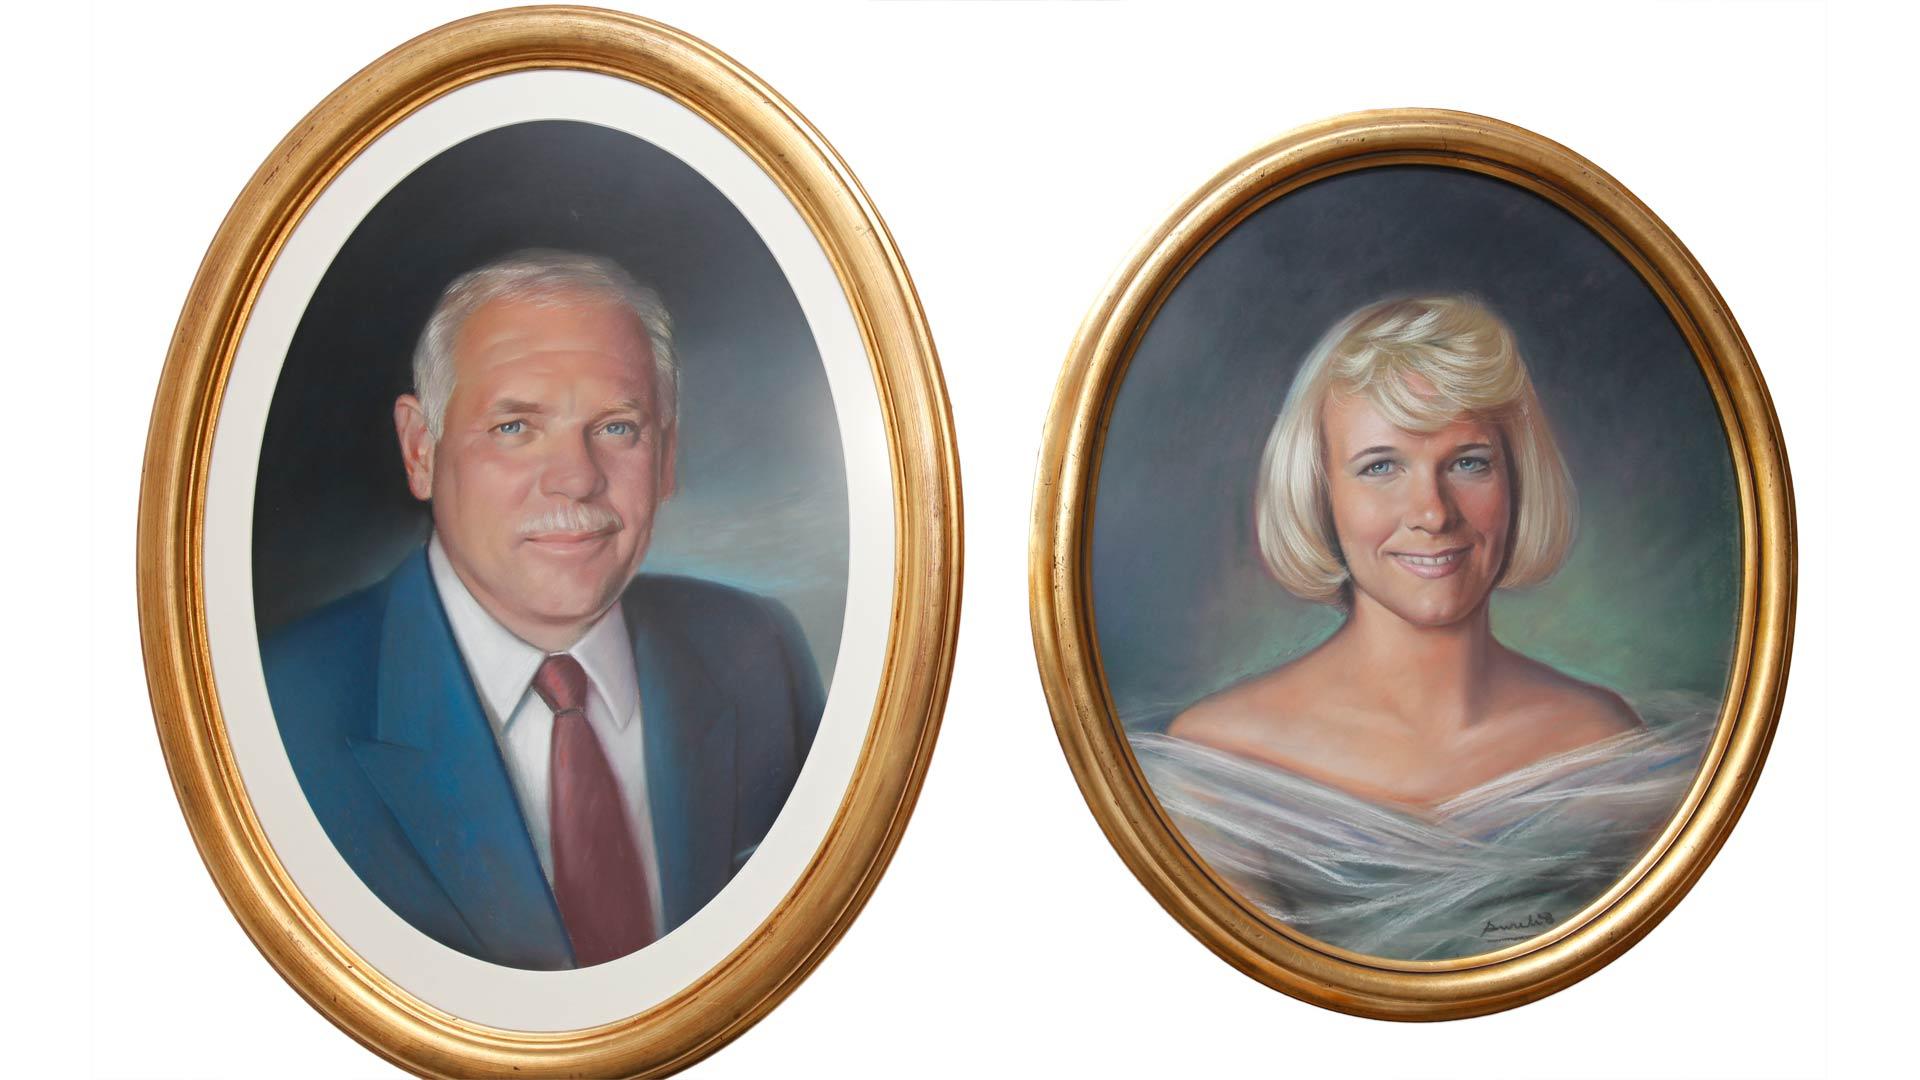 Kodin seinällä on muotokuvat Pirkosta ja hänen kuusi vuotta sitten kuolleesta aviomiehestään Matista, jonka kanssa Pirkko perusti ensimmäisen Espanjan-kotinsa.